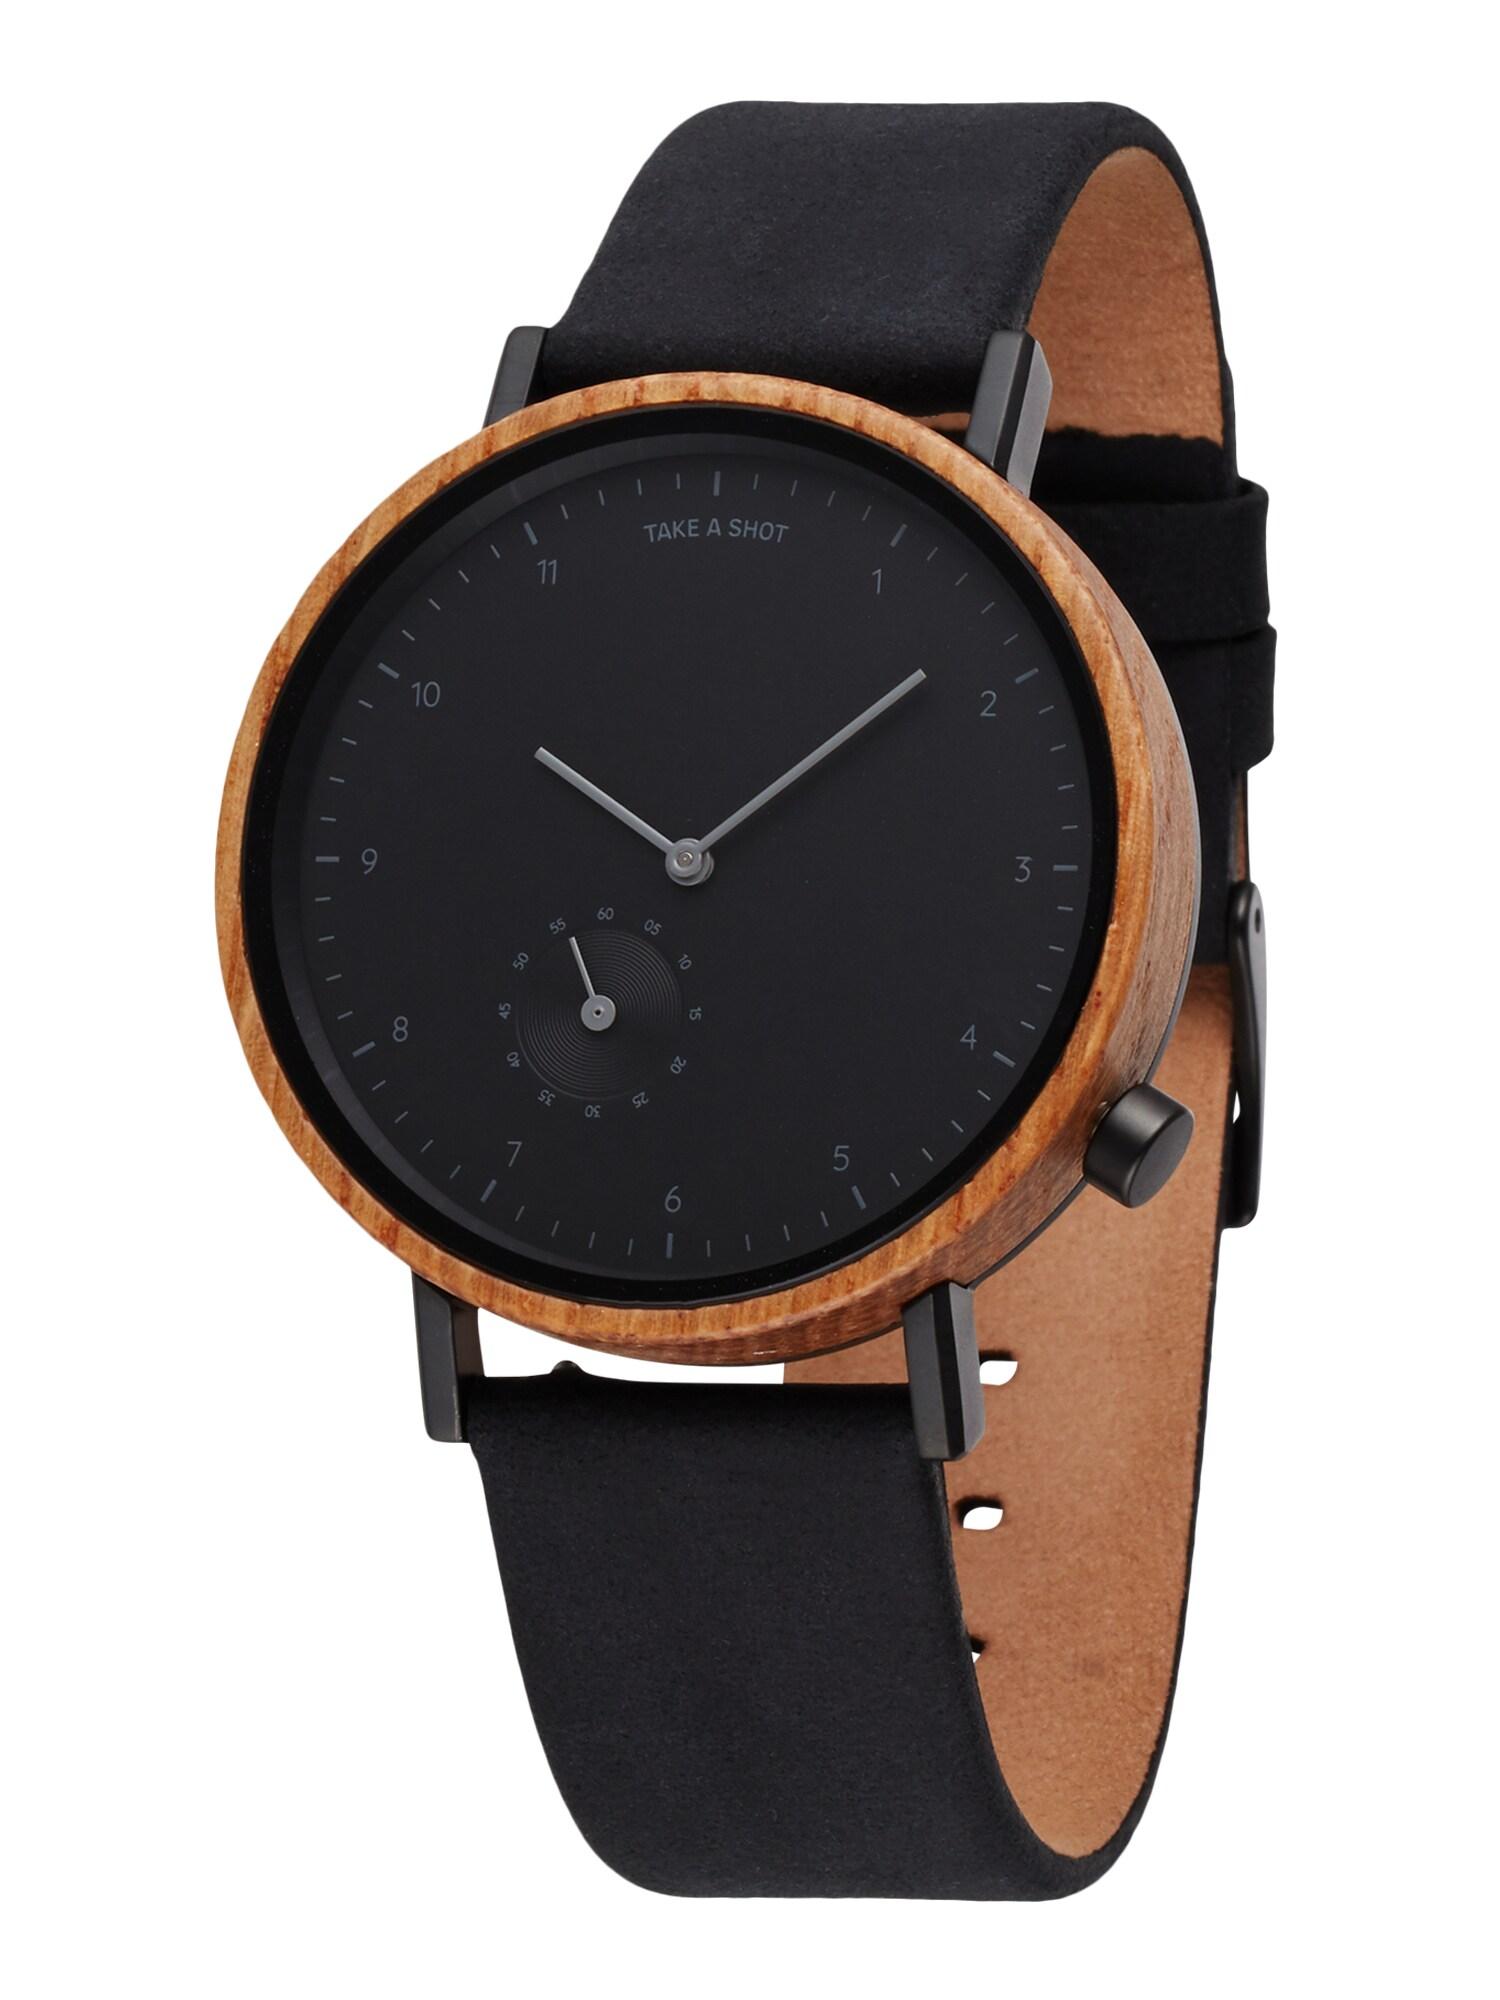 TAKE A SHOT Analoginis (įprasto dizaino) laikrodis ruda / juoda